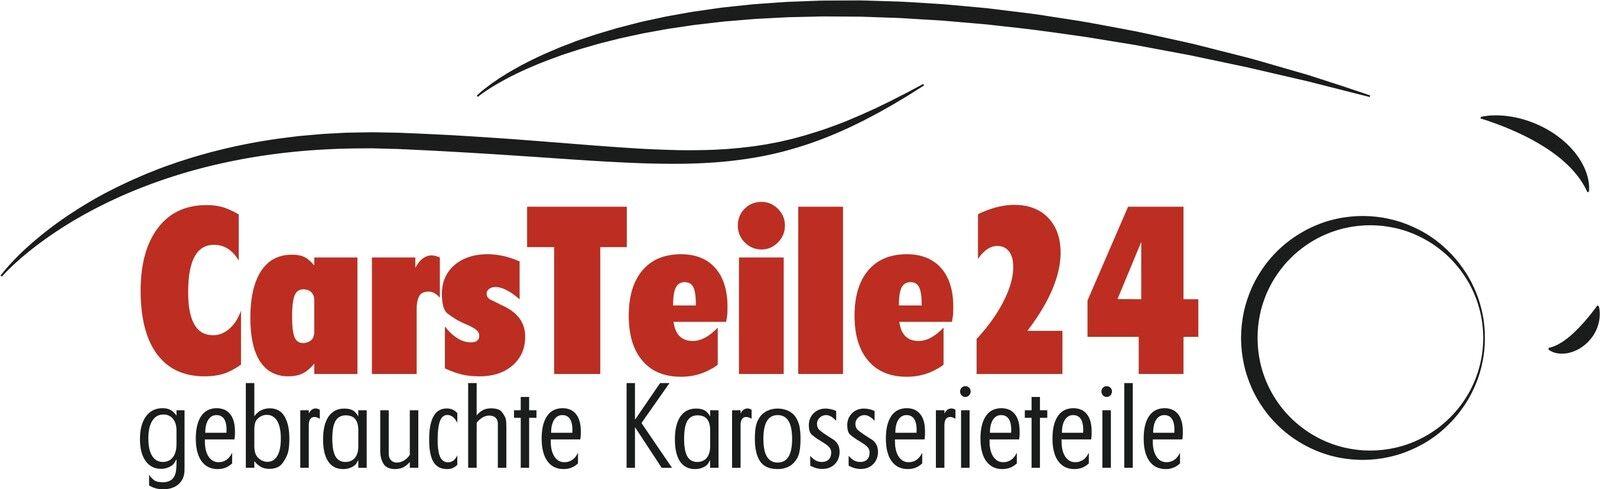 CarsTeile24